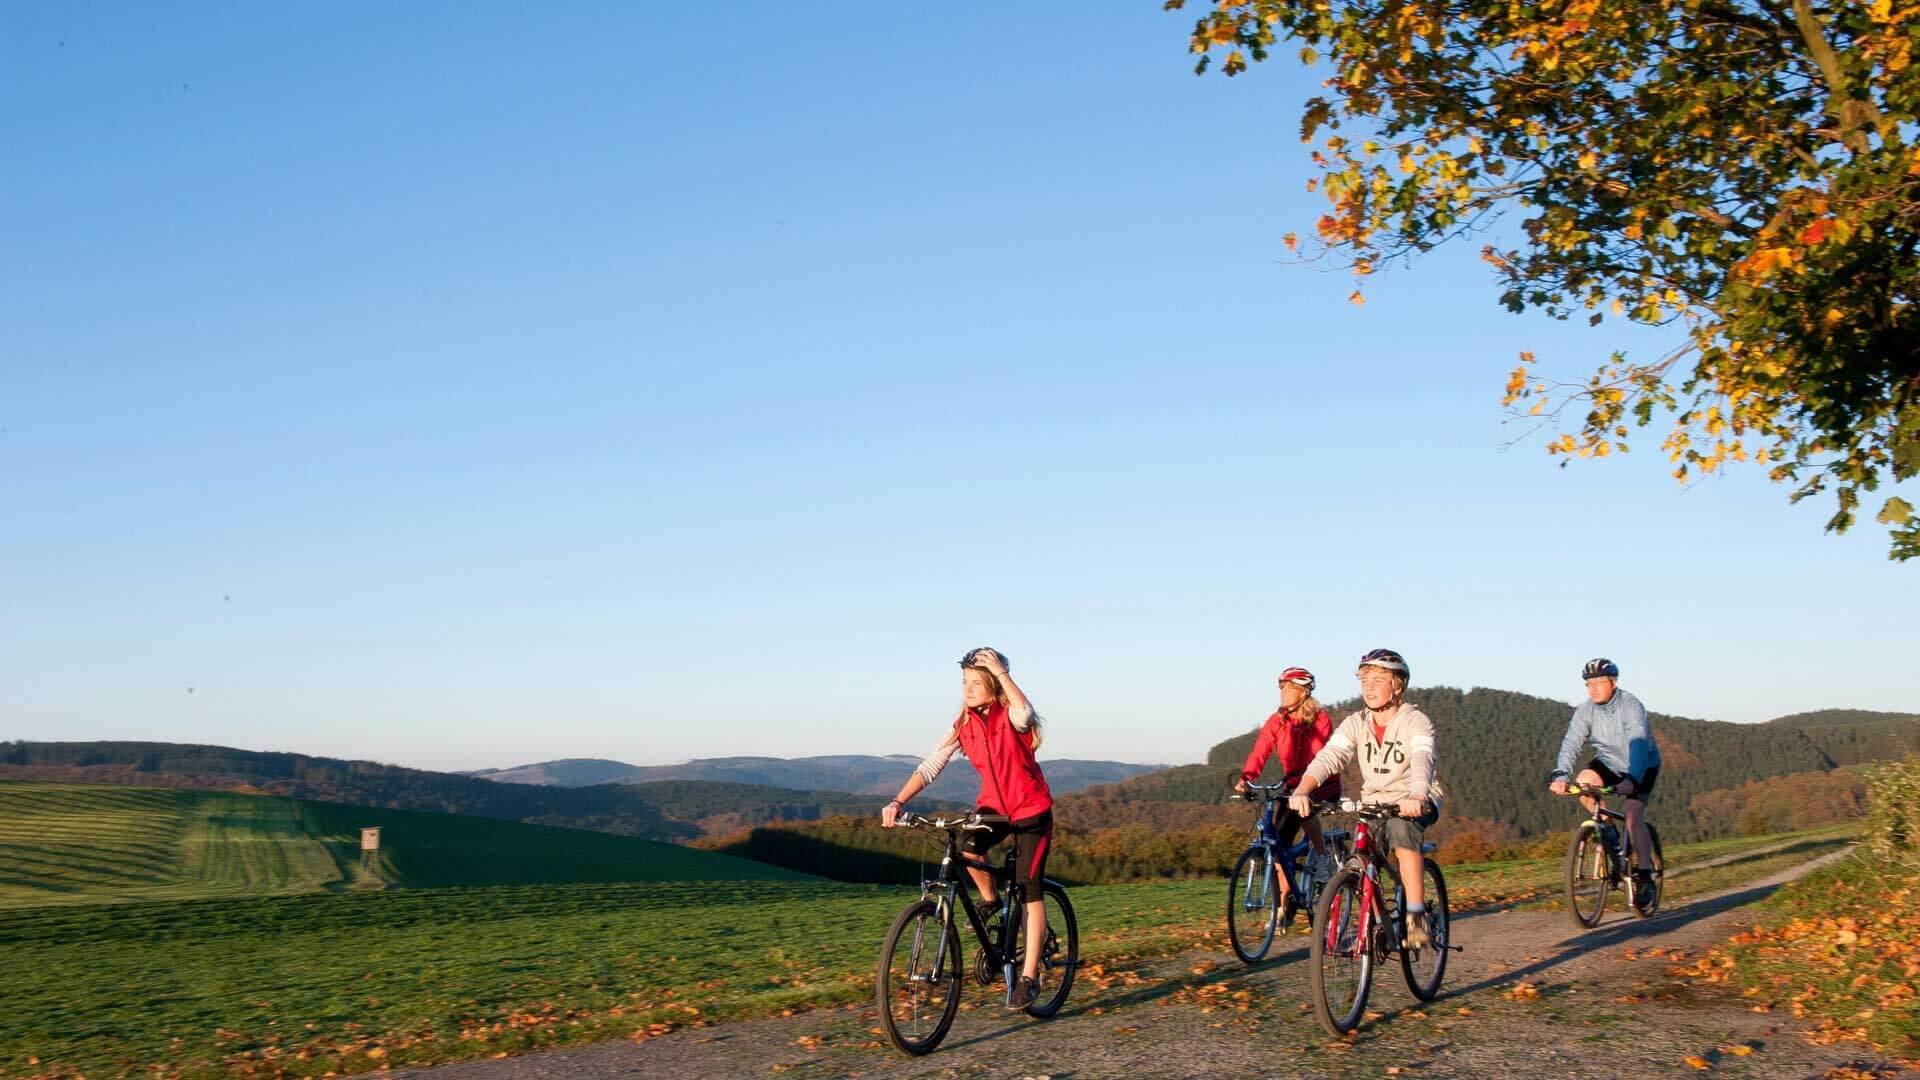 Fahrradfahren im Sauerland Familie im Herbst